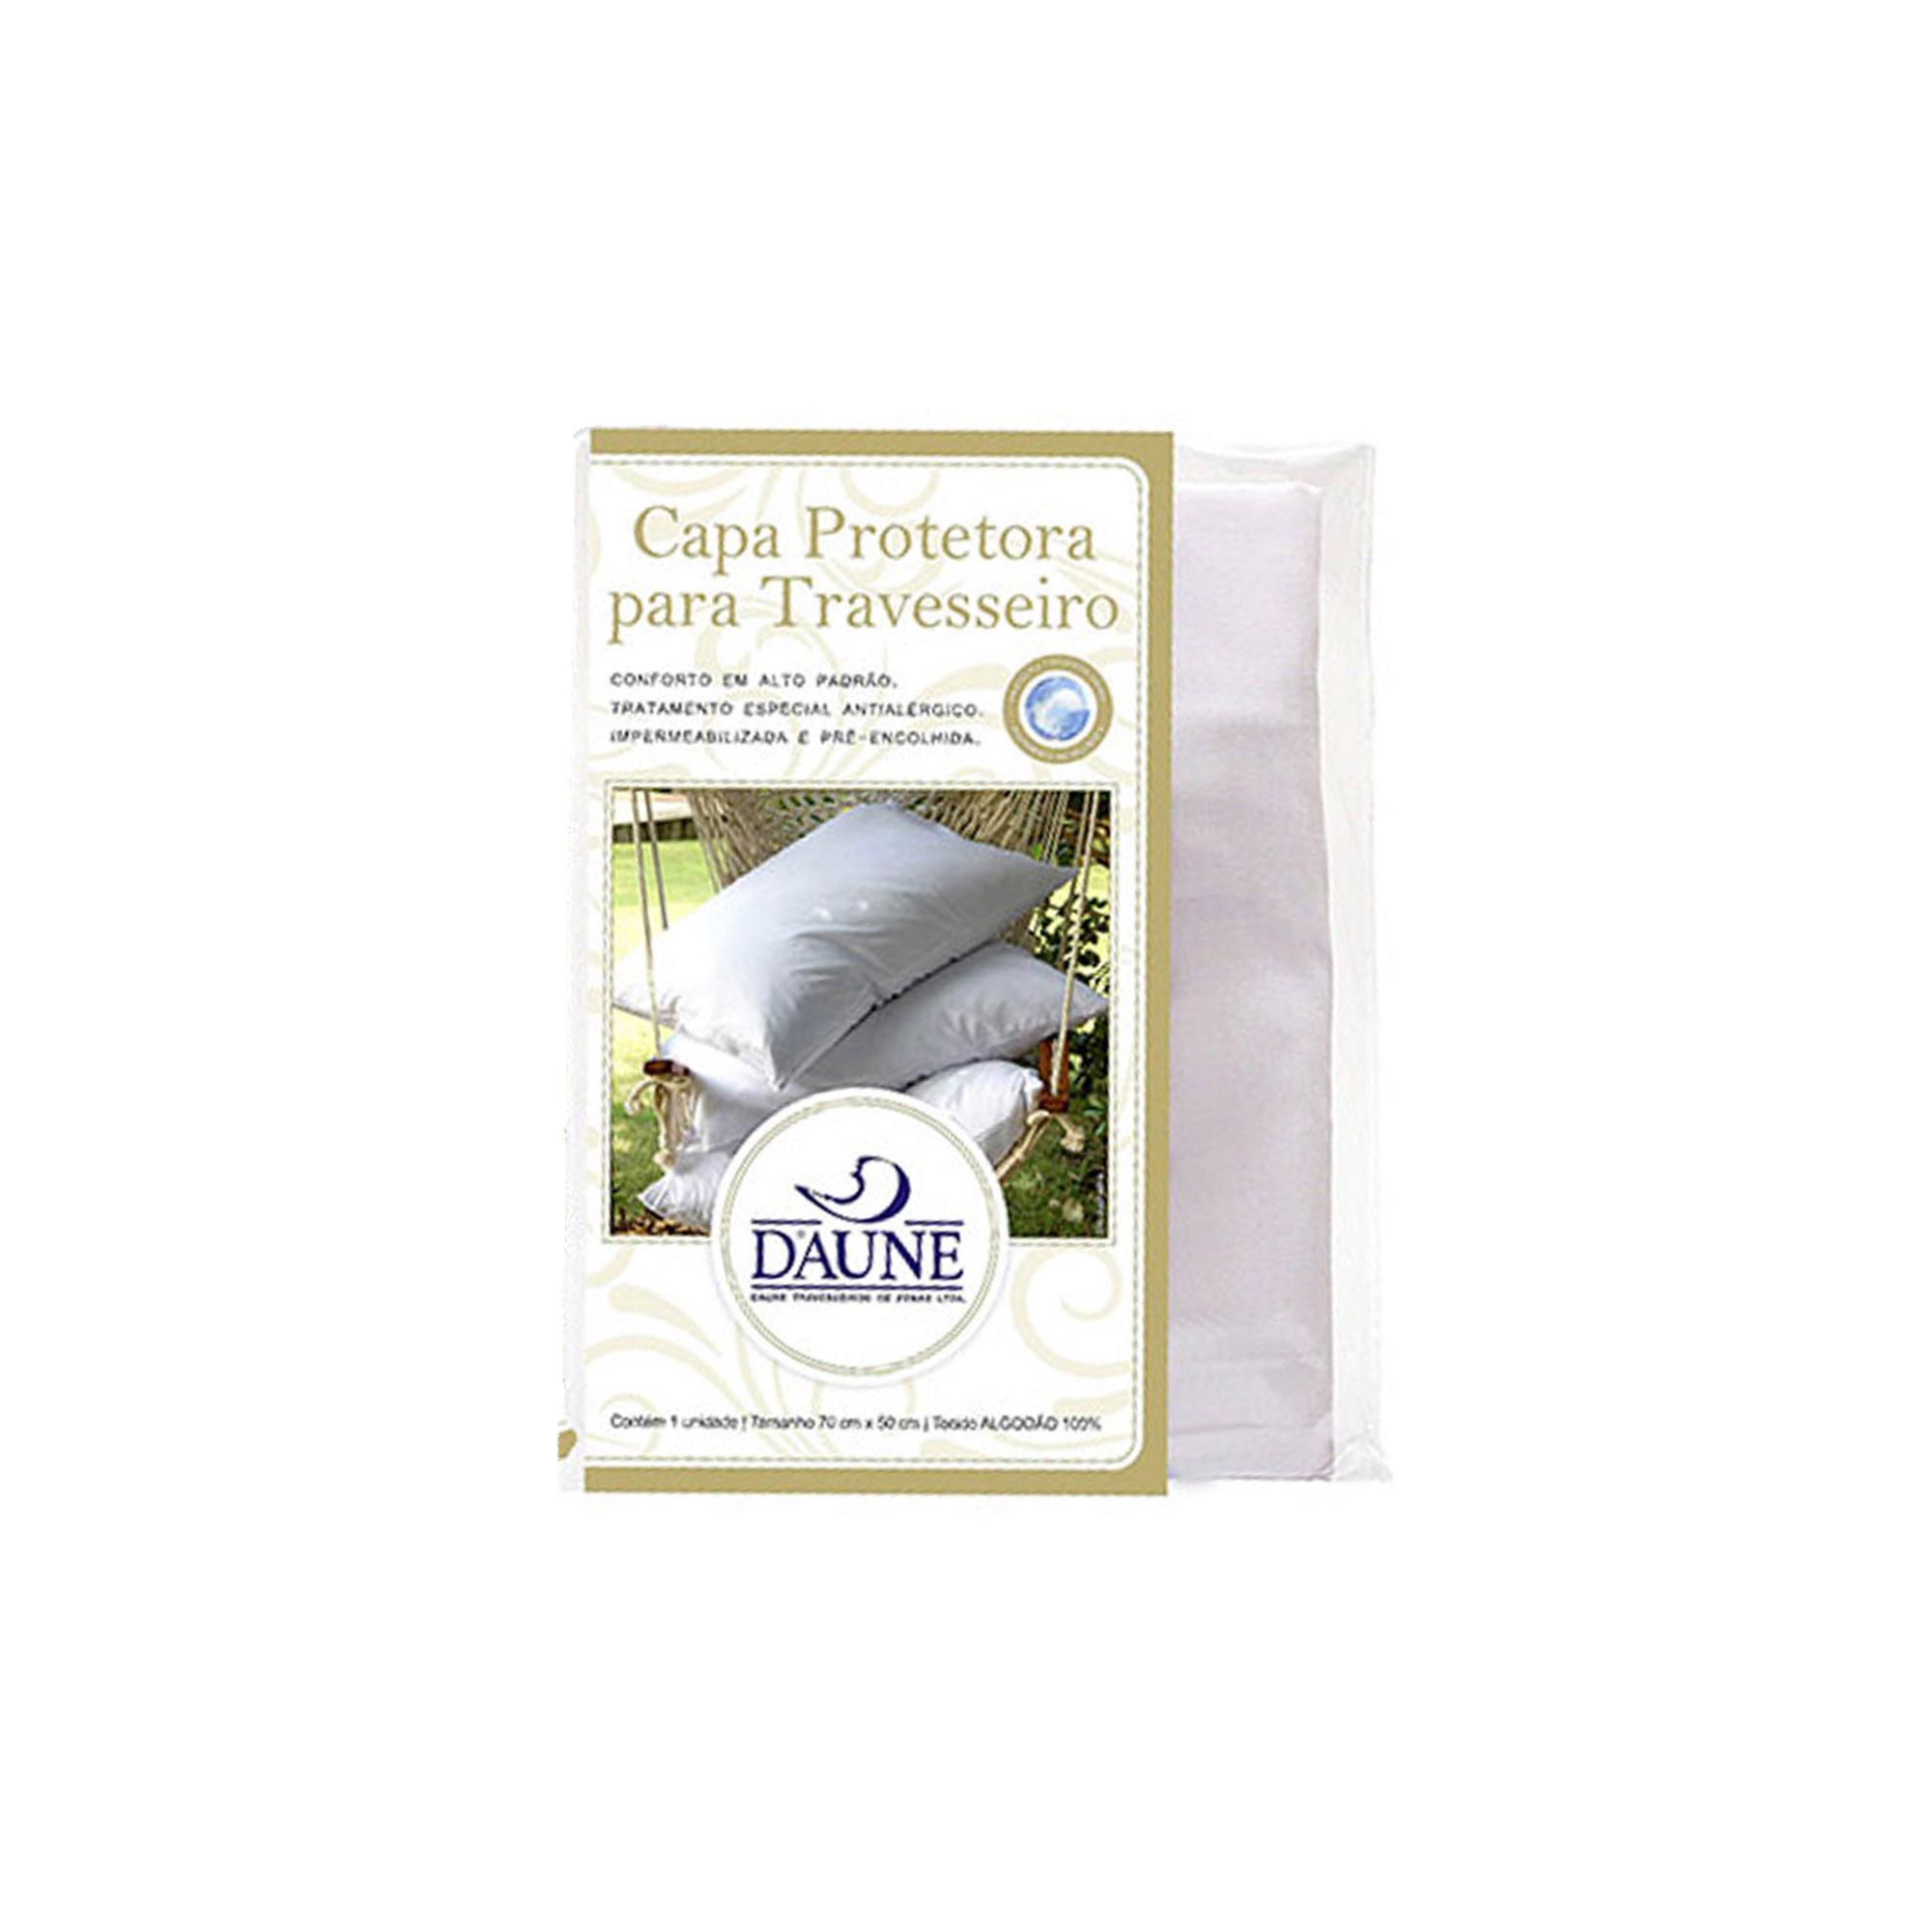 Capa Protetora 100% Algodão para Travesseiro, Daune, 050 x 070 cm